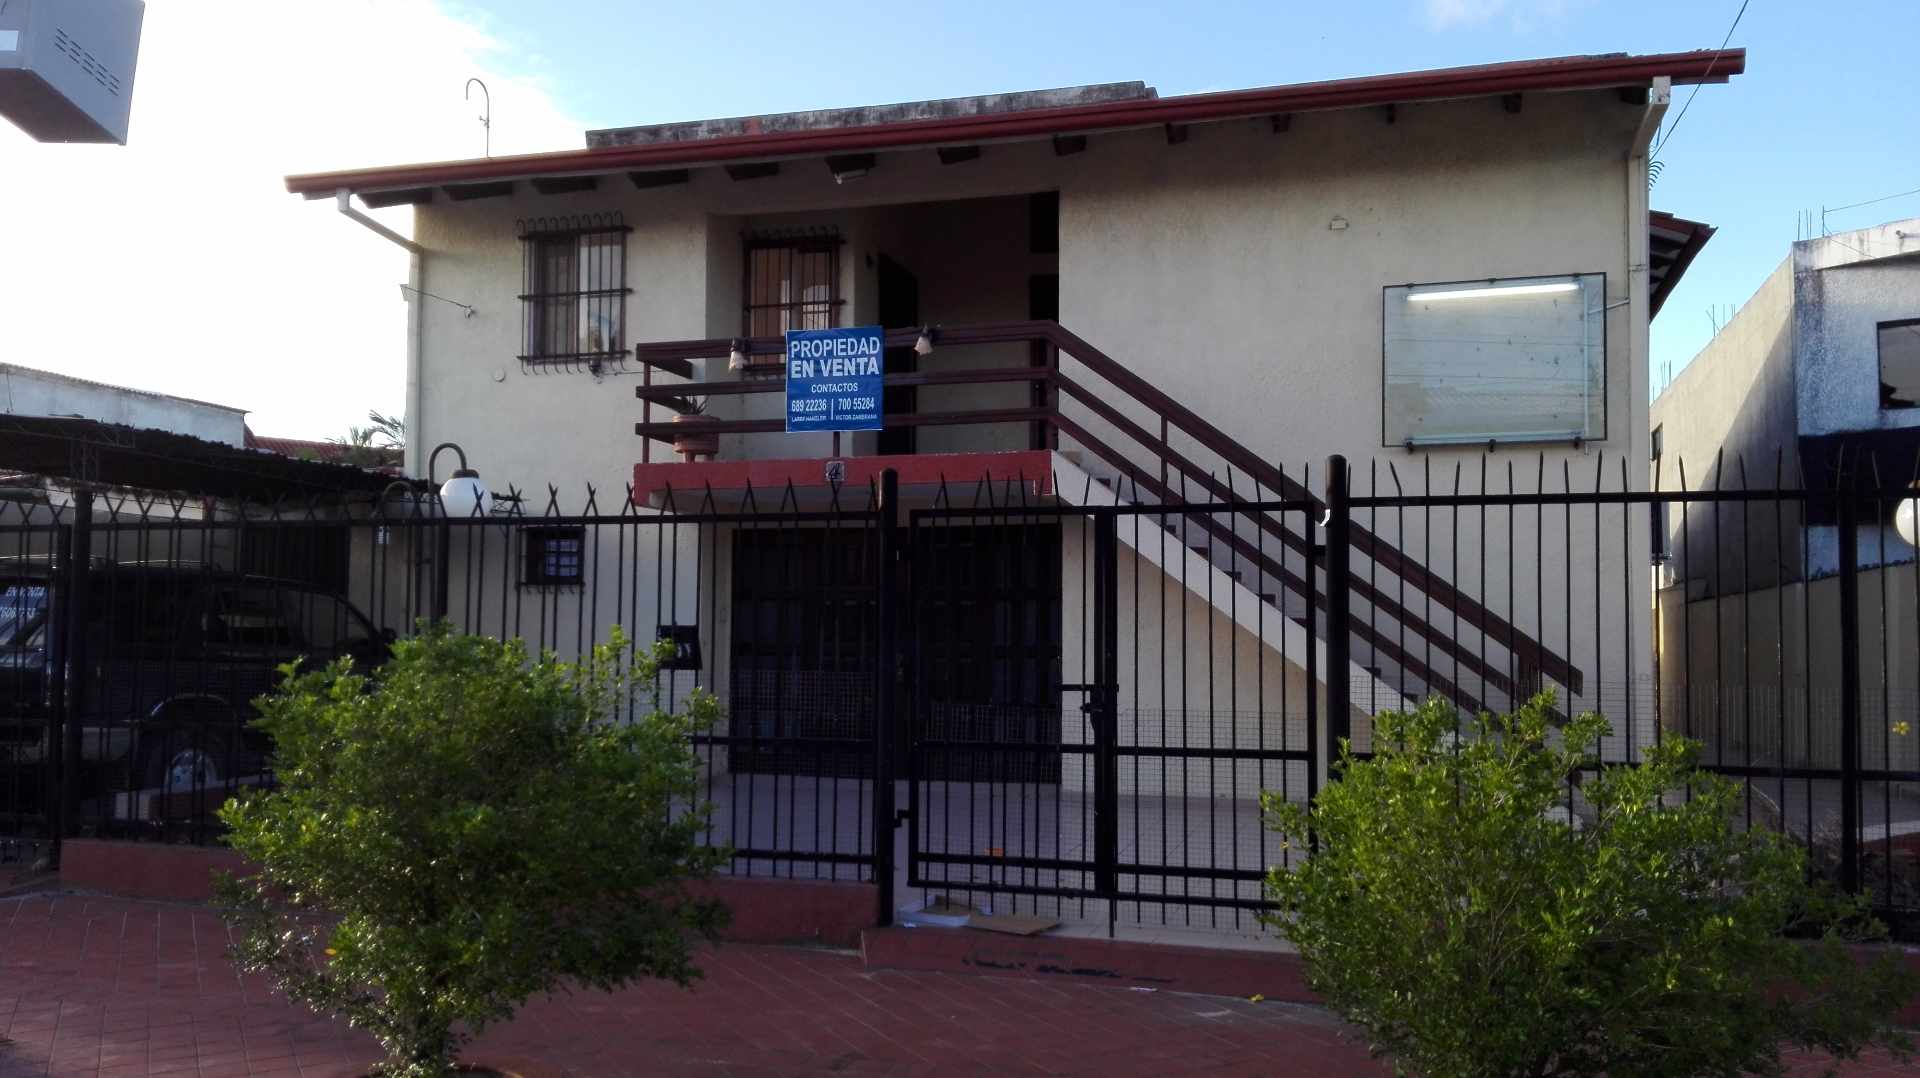 Casa en Venta Calle 5, a media cuadra de la Av. San Aurelio, entre segundo y tercer anillo Foto 2